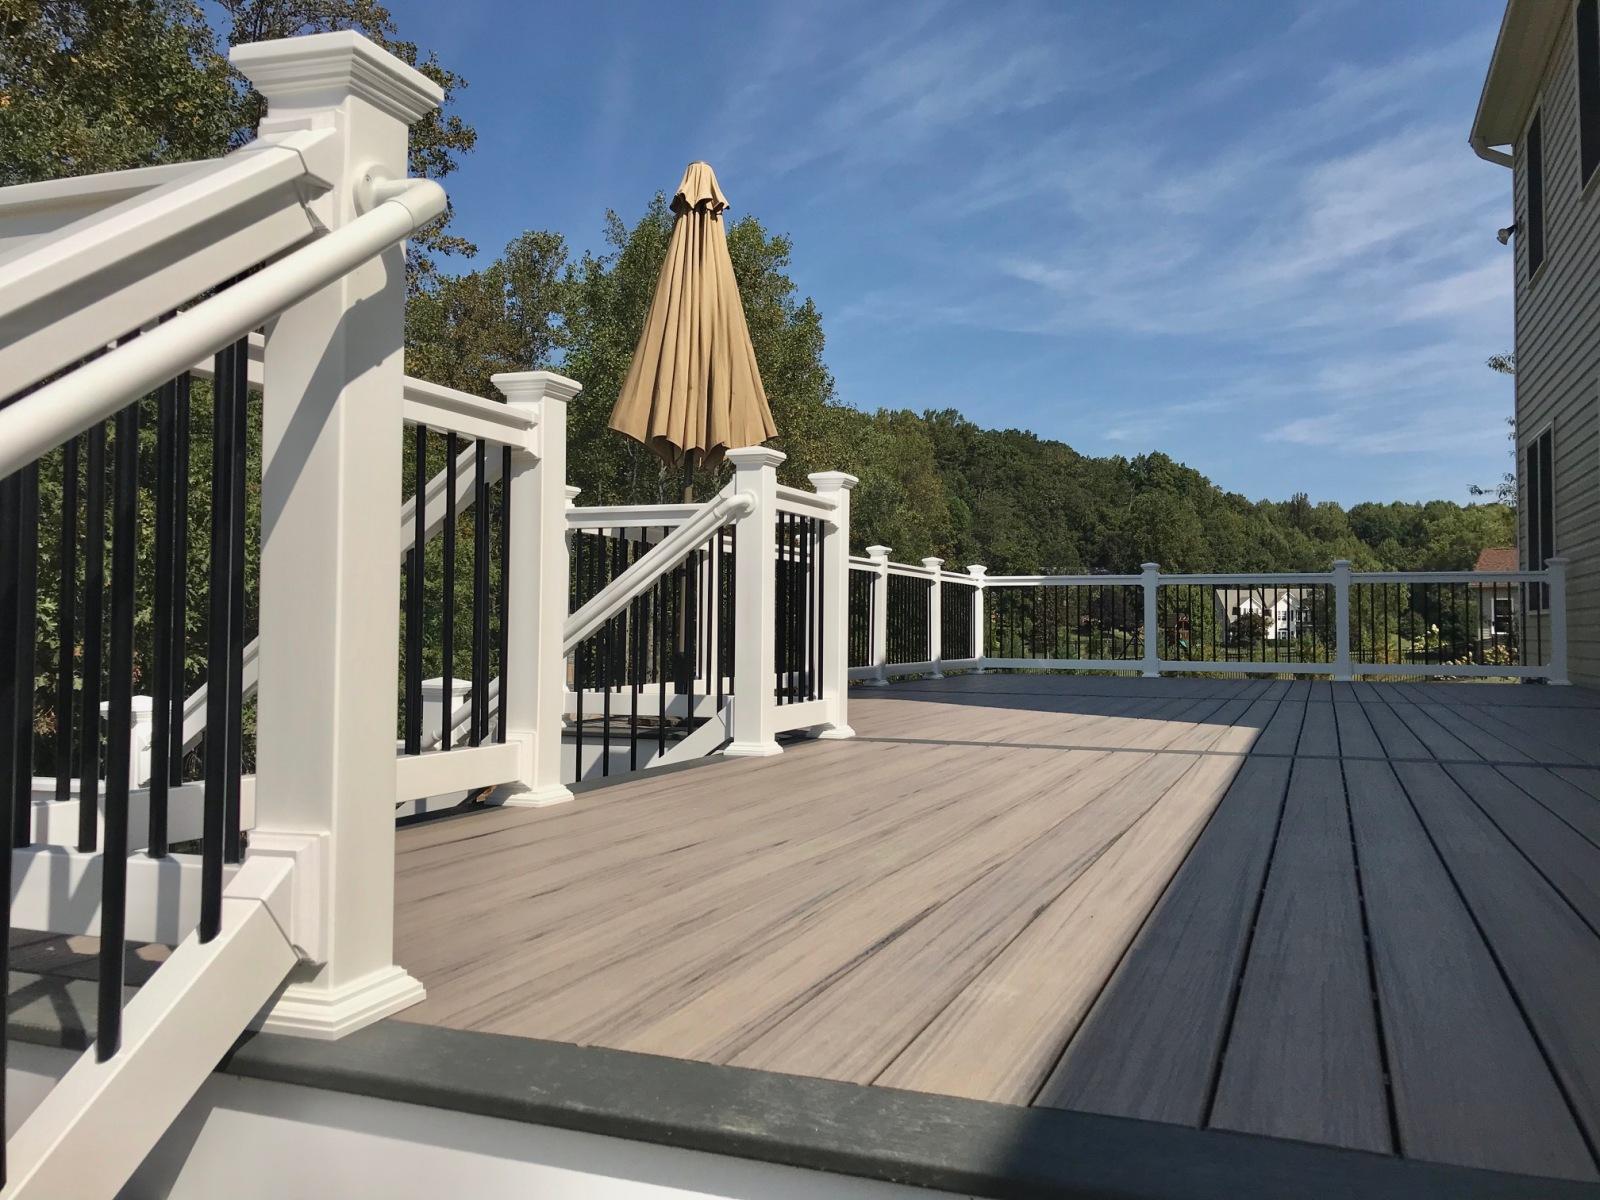 Deck installation in Sykesville, MD